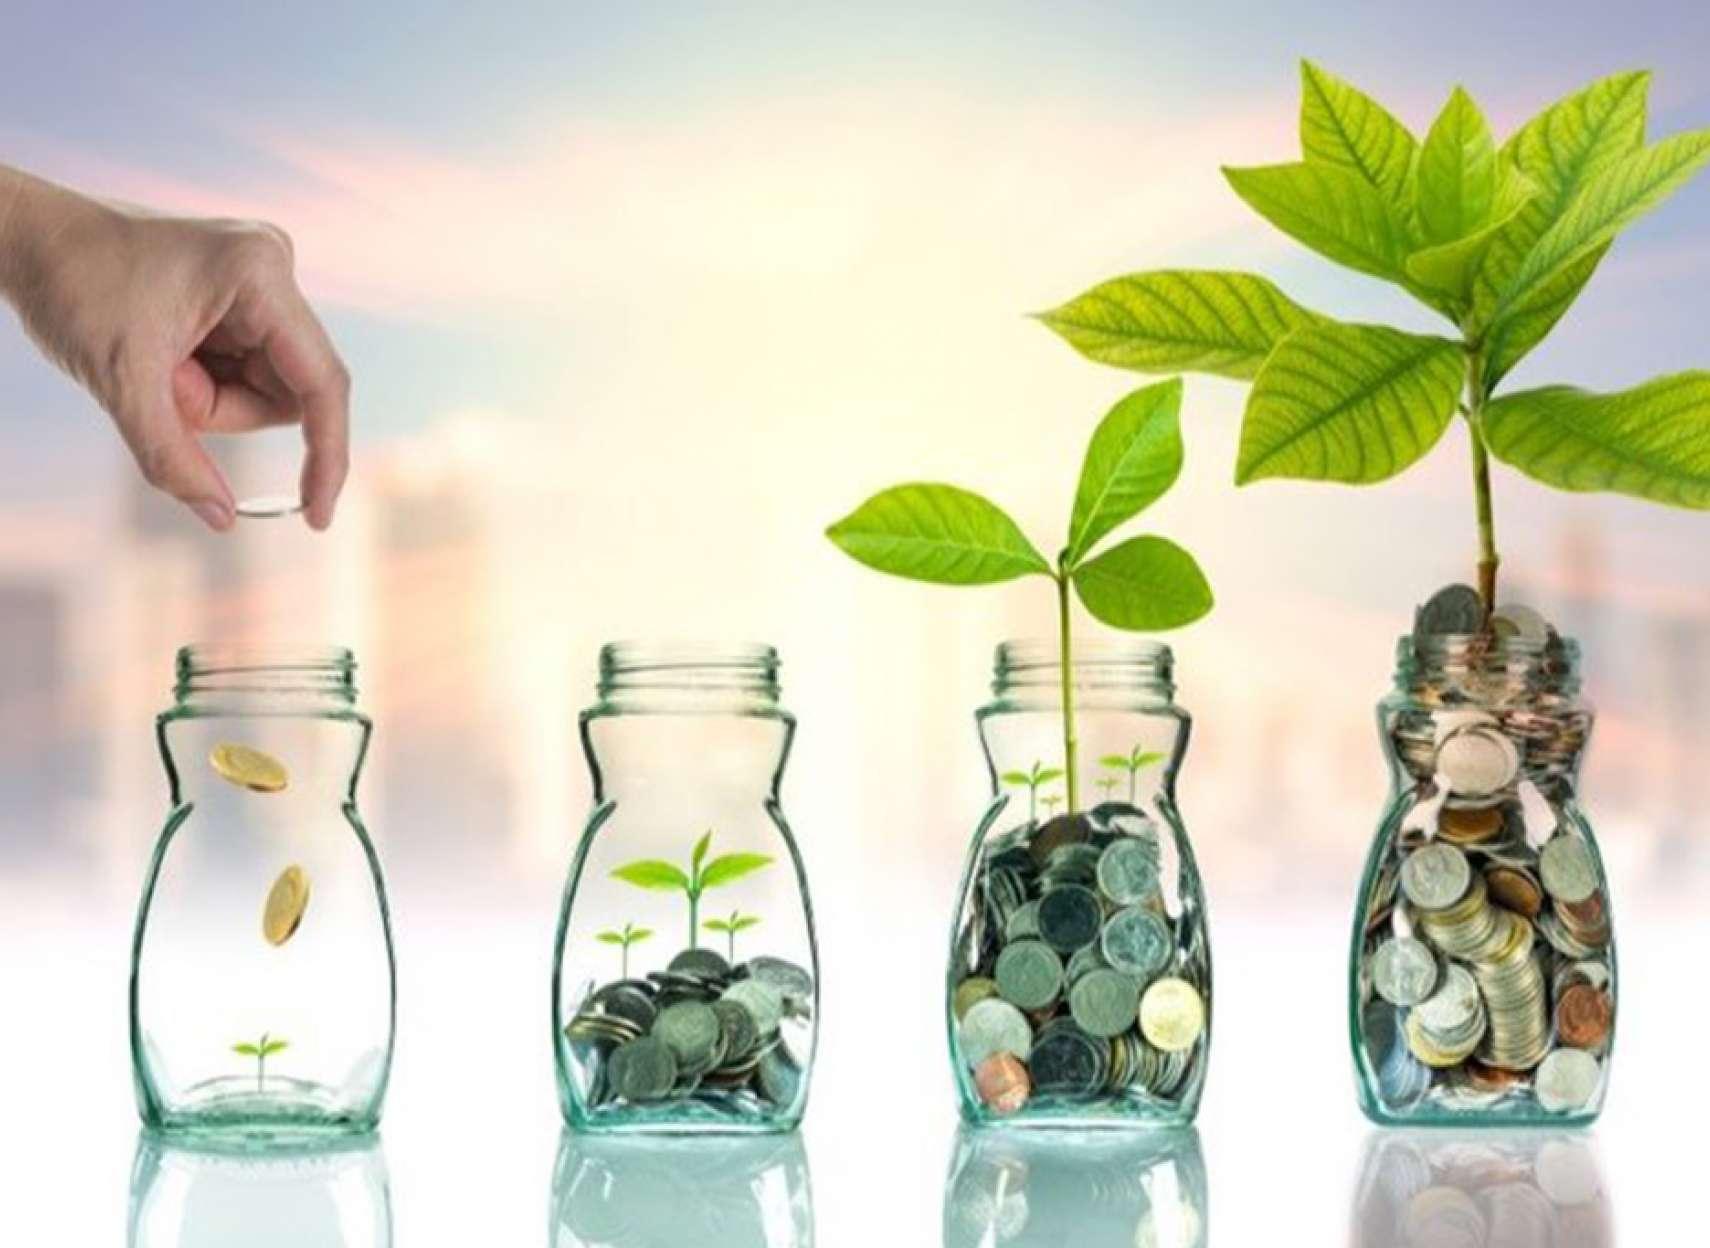 بیمه-رحیمیان-برنامه-تحصیلی-با-استفاده-از-حساب-پسانداز-بازنشستگی